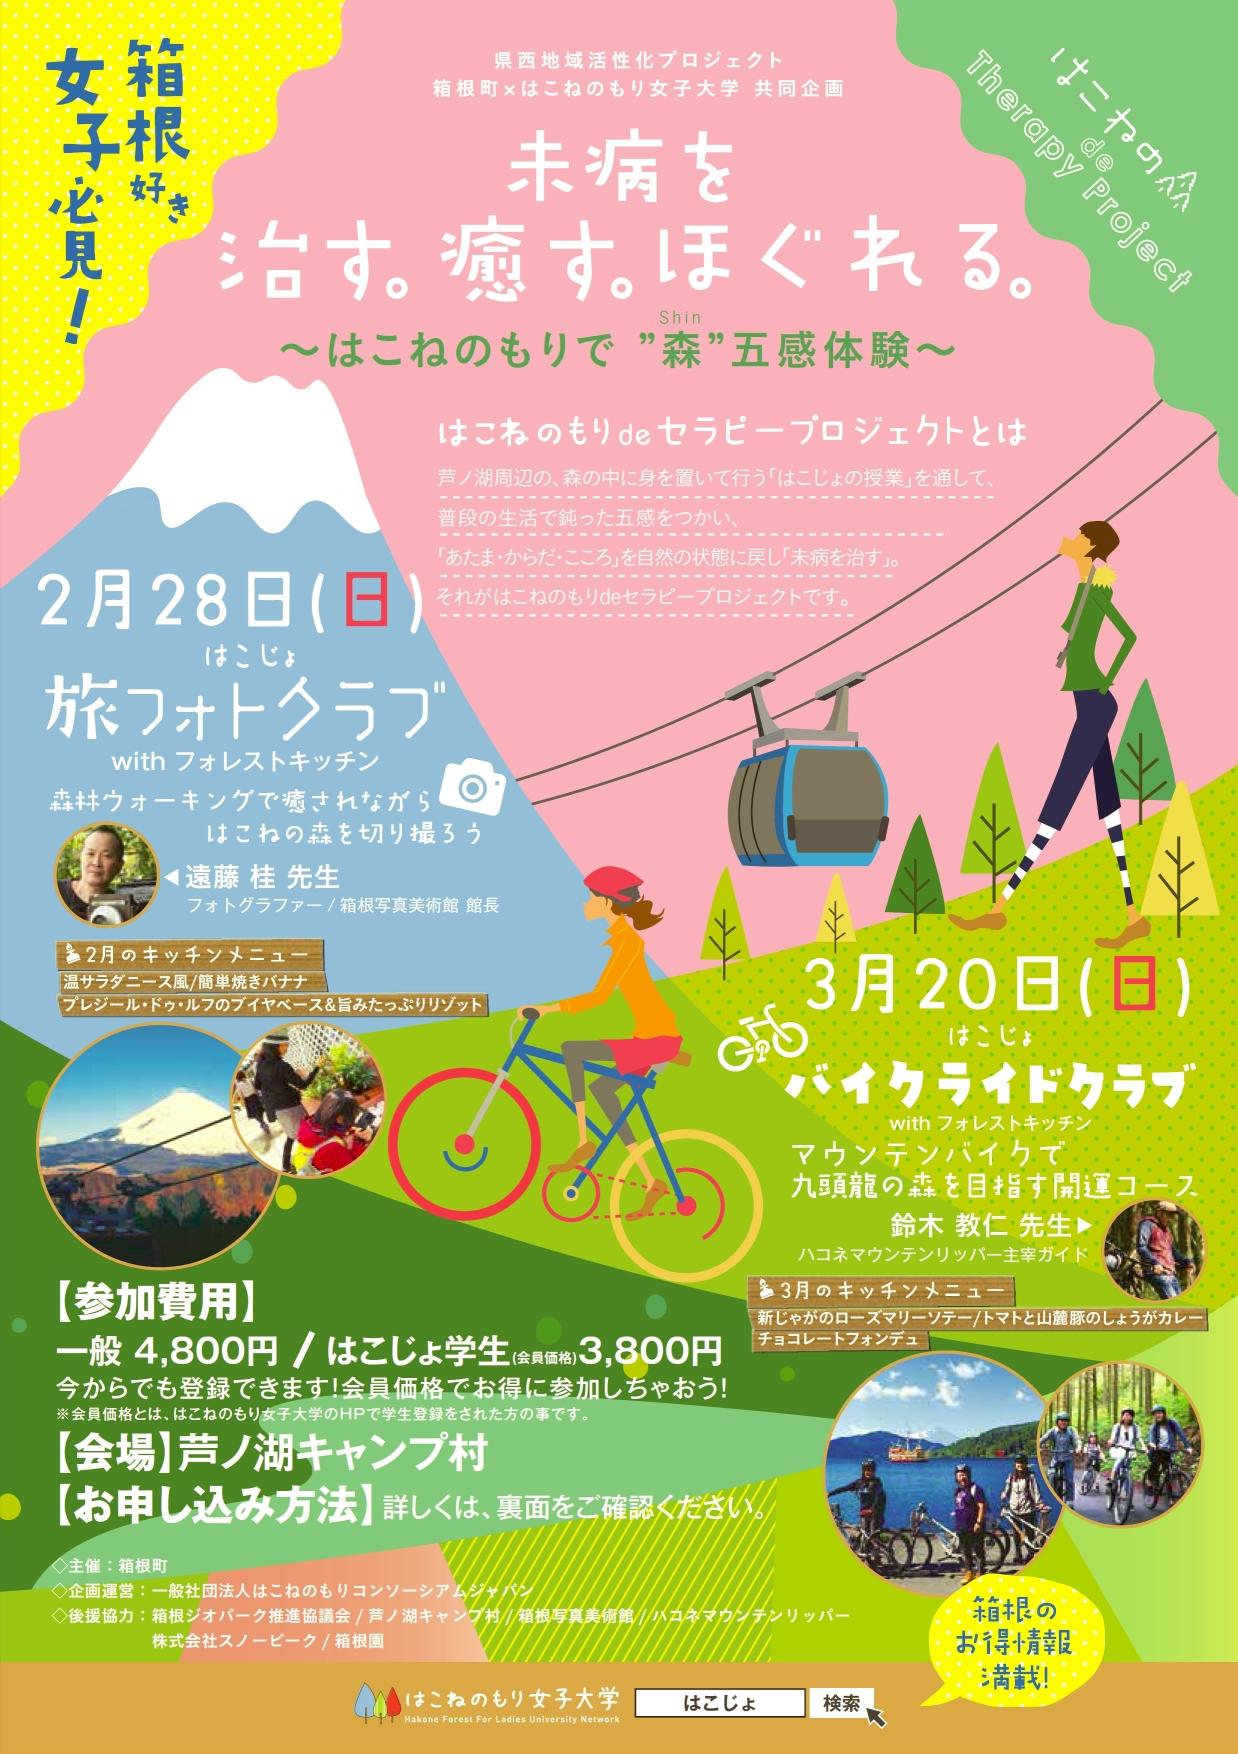 """神奈川県「県西地域活性化プロジェクト」/箱根町×はこねのもり女子大学 共同企画 <br />未病を治す。癒す。ほぐれる。~はこねのもりで""""森""""五感体験~ <br />「はこねのもりdeセラピープロジェクト」2月・3月開催授業のお知らせ"""